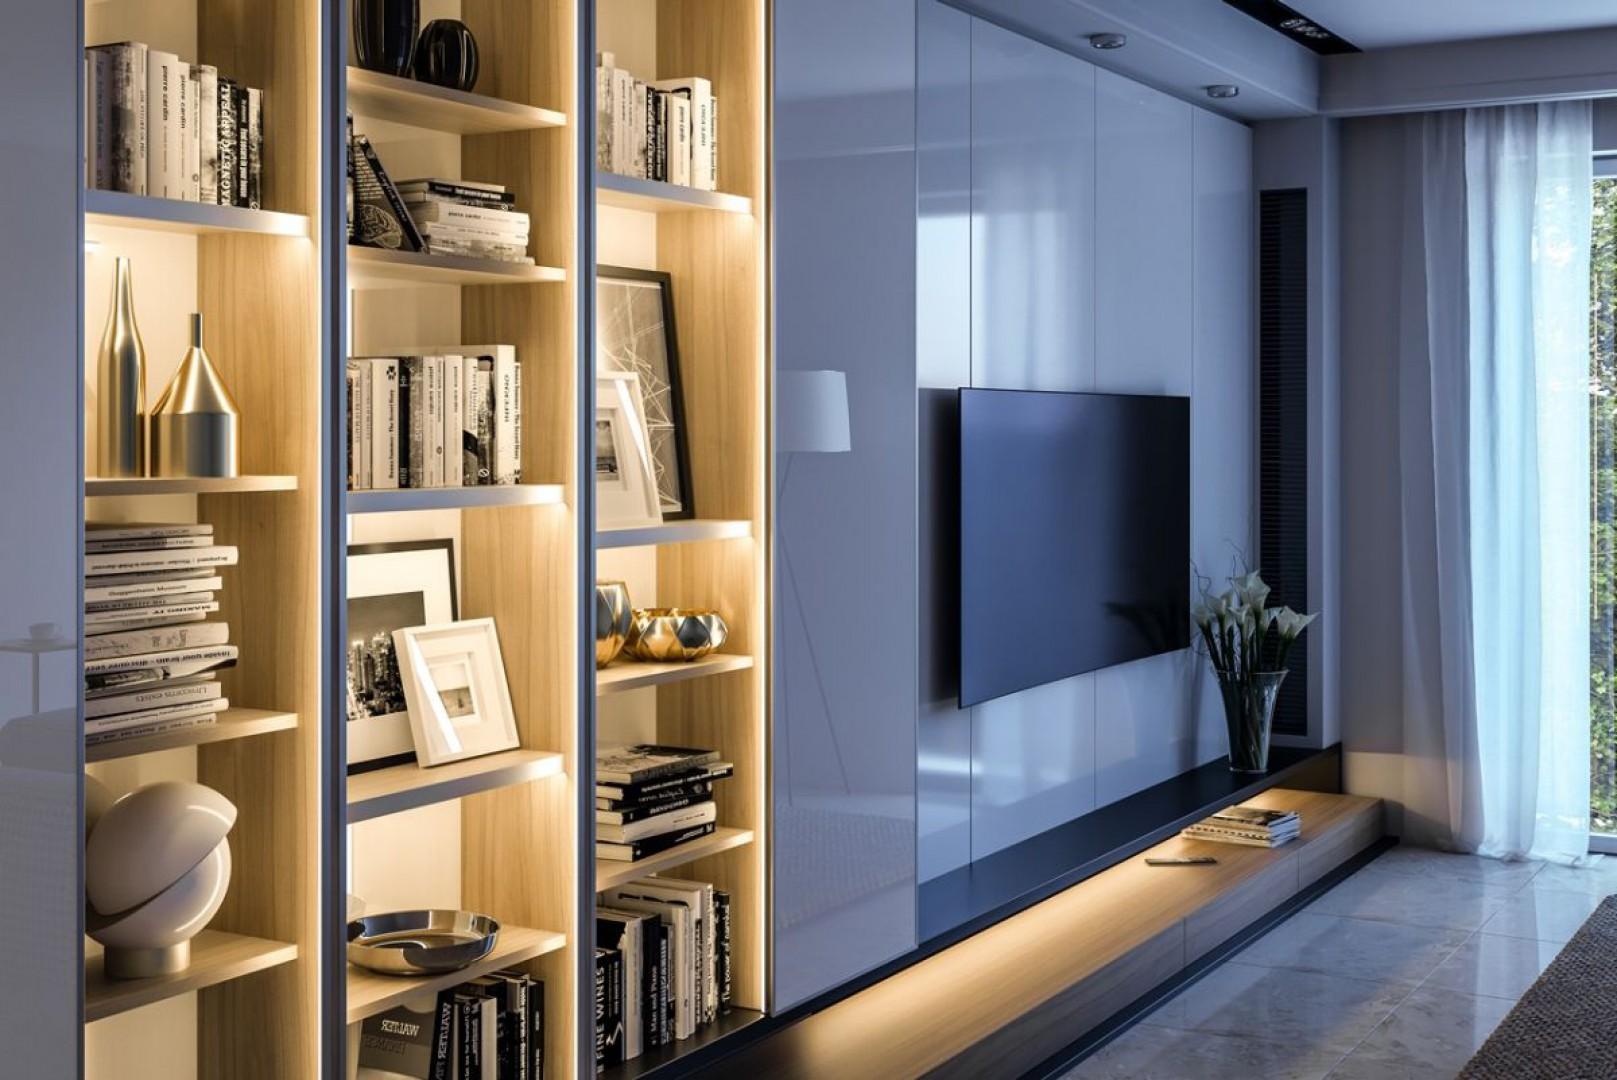 Oświetlenie może się znaleźć praktycznie w każdej części mebla – we wnękach i półkach, pod meblem, na wieńcu, a nawet w szufladach. Fot. GTV